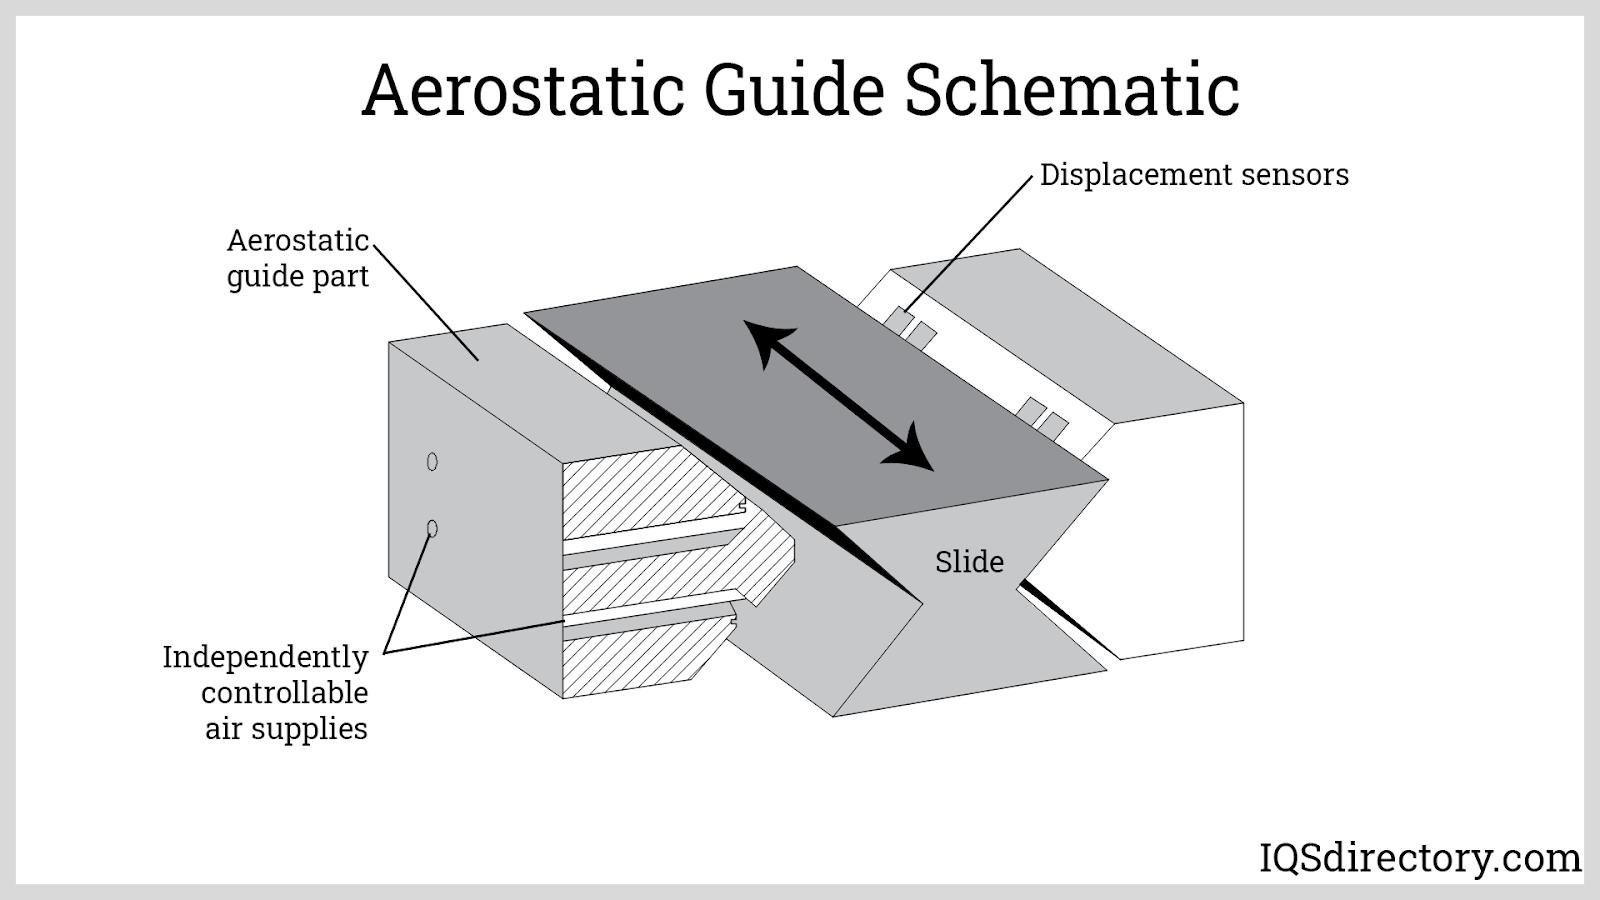 Aerostatic Guide Schematic